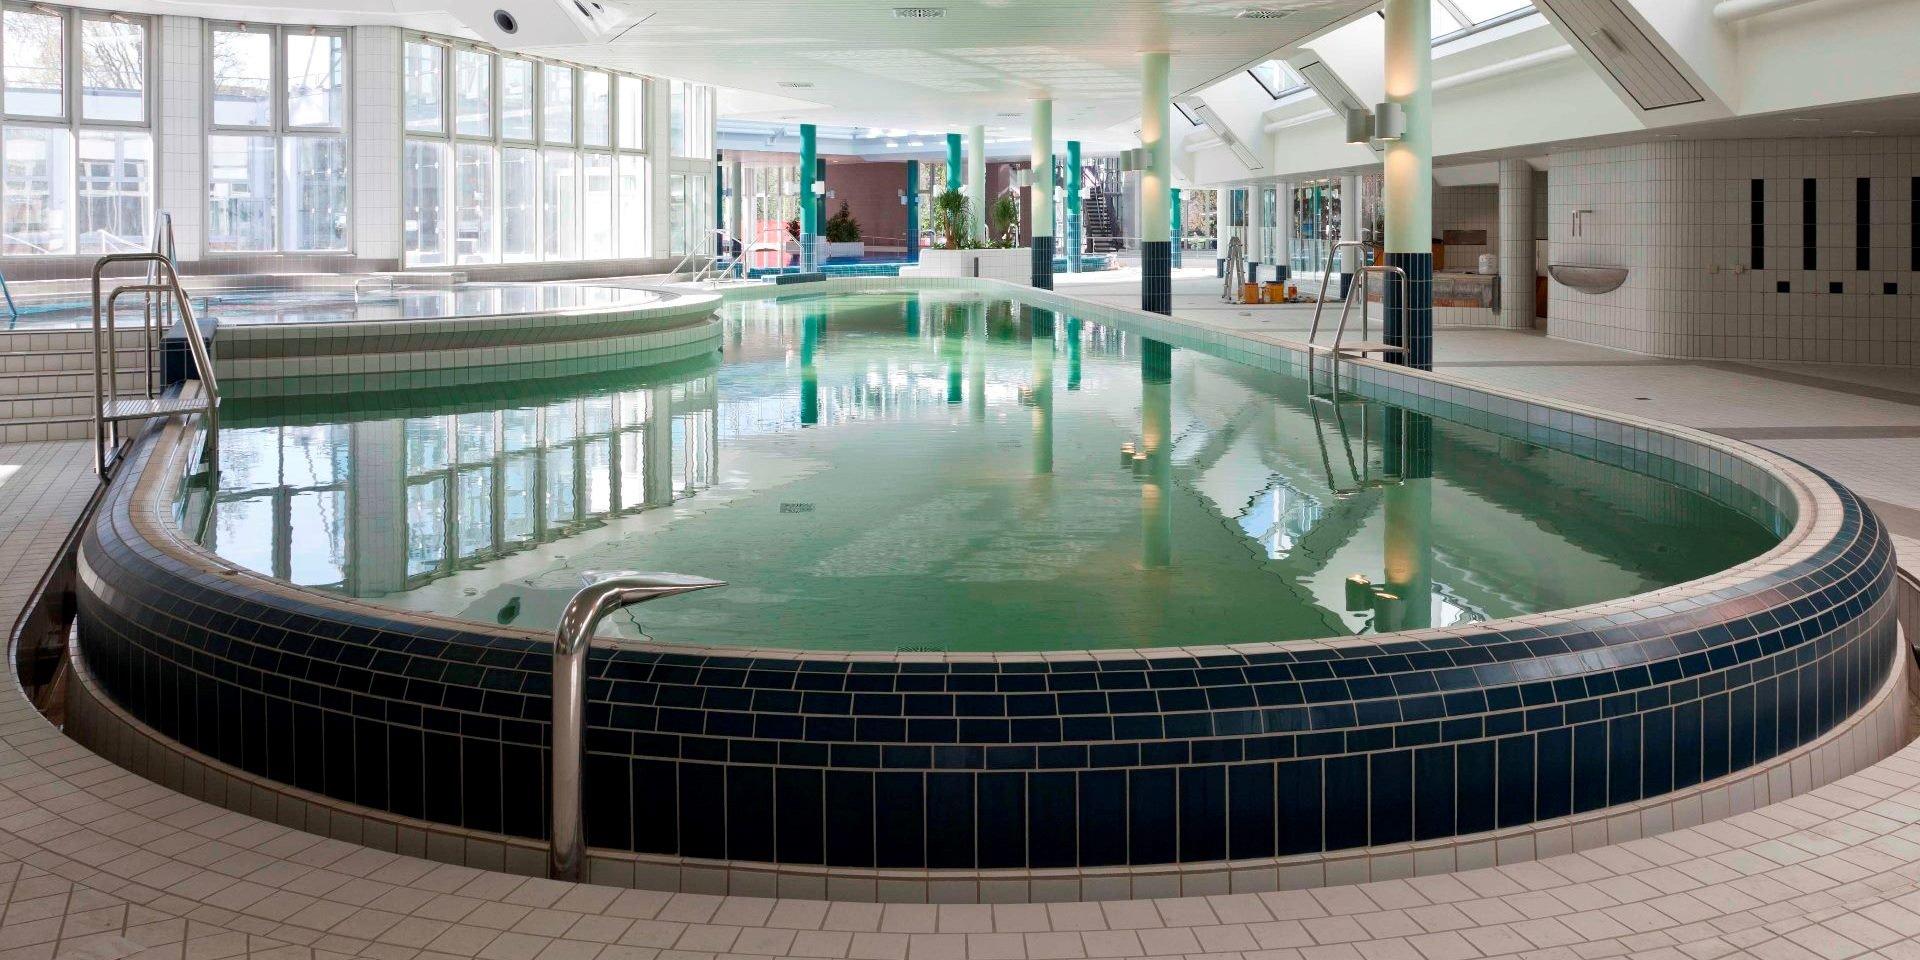 Stuttgart - Mineralbad Cannstatt | Steuler Pool Construction